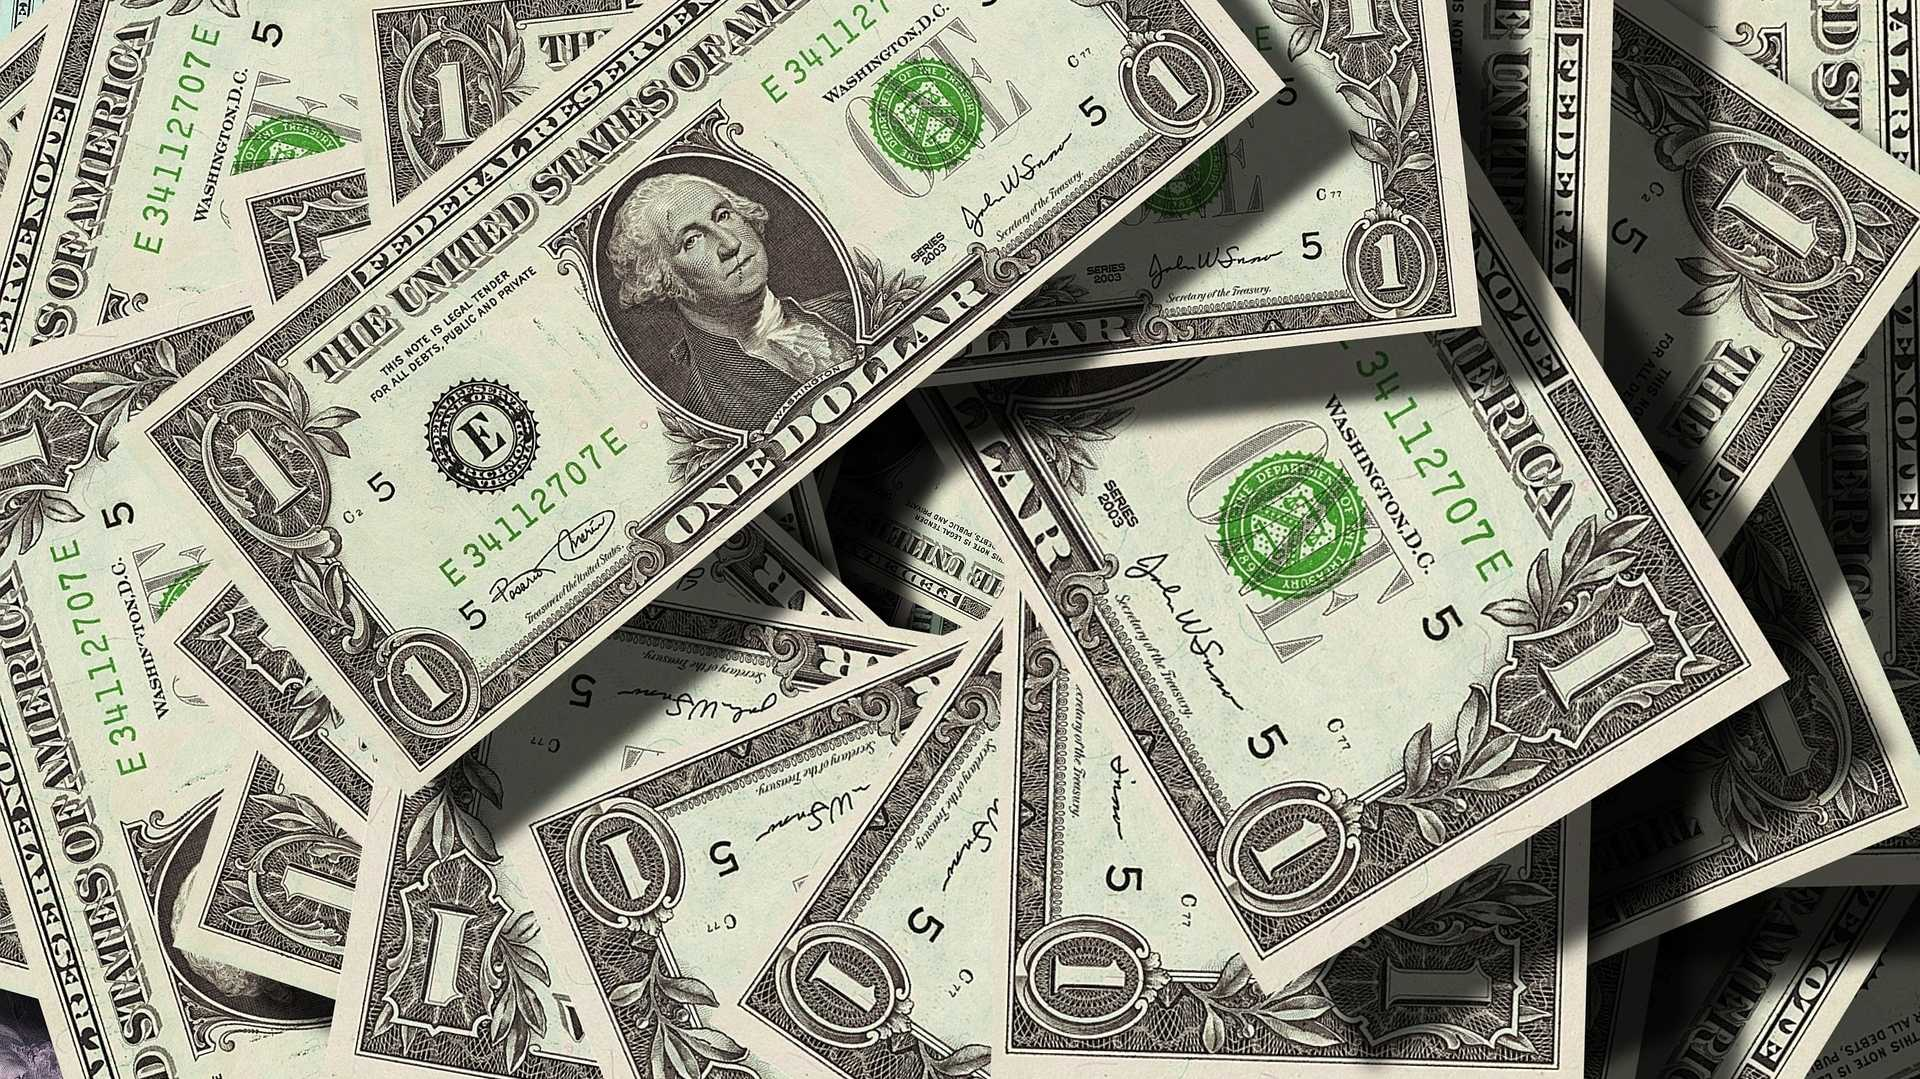 Krimineller verdient mit Erpressungstrojaner knapp 5 Millionen Euro